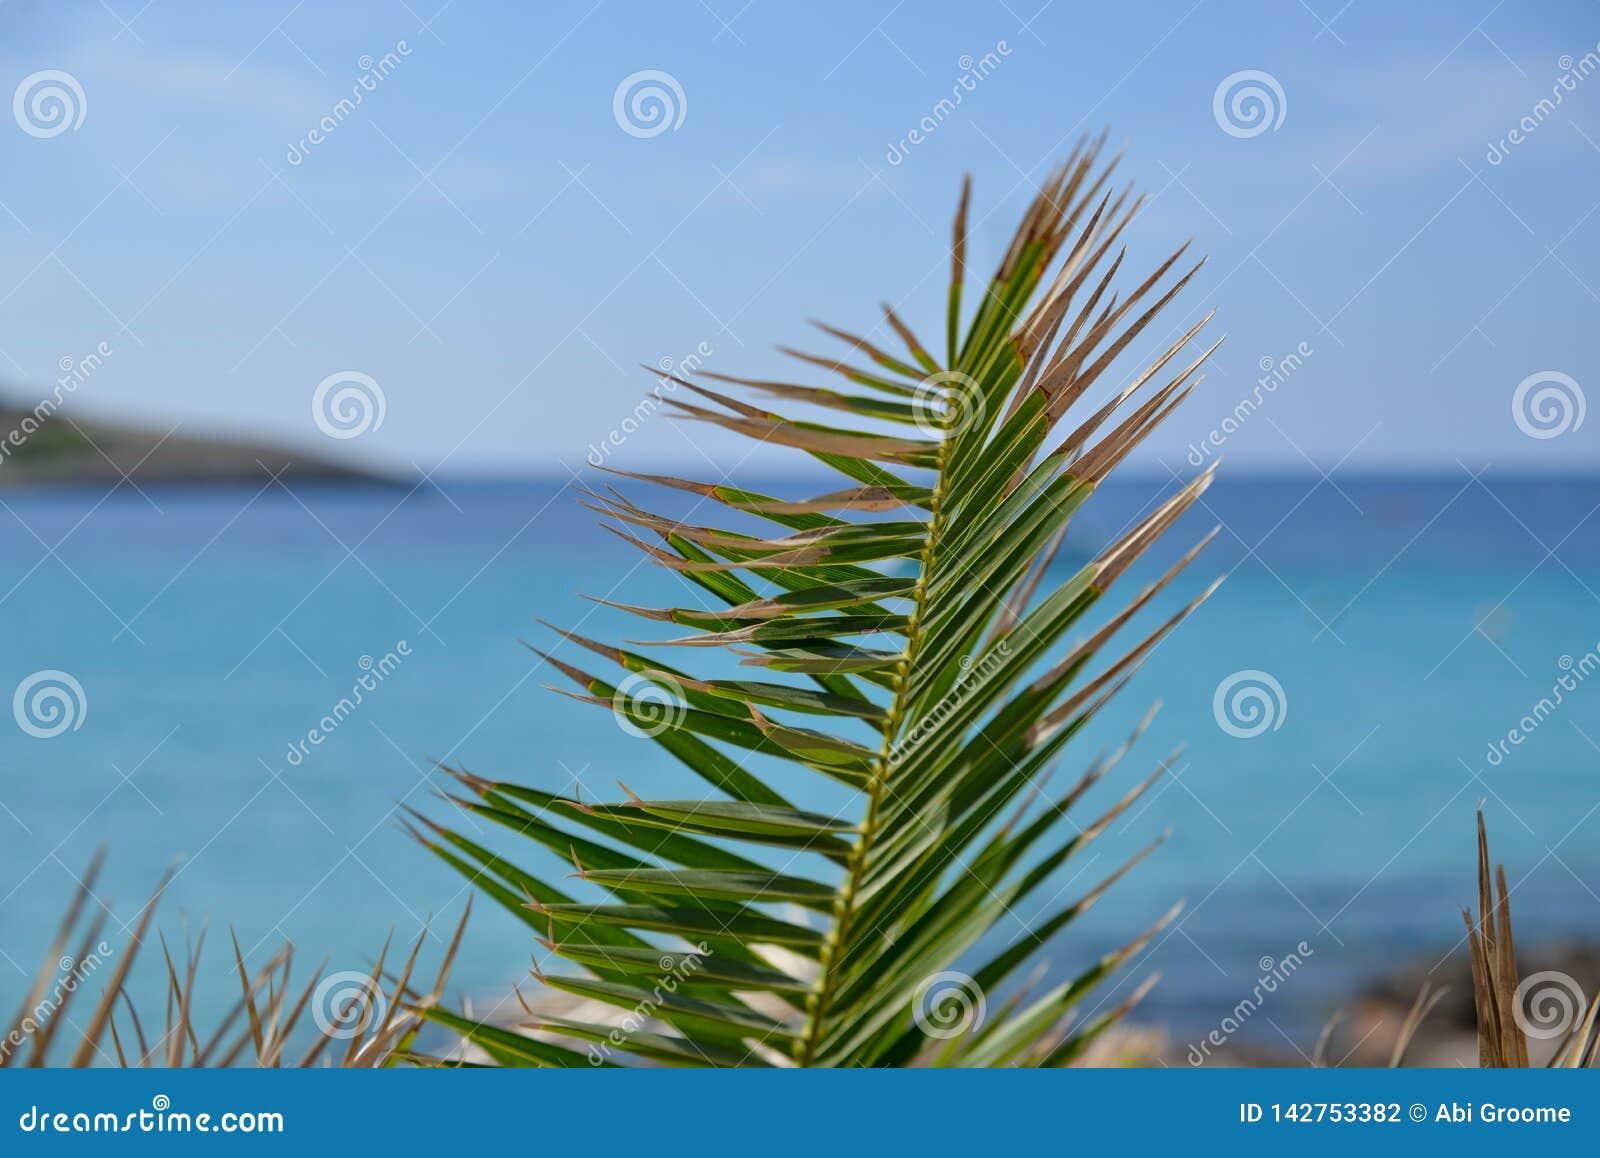 Pontos em uma planta em um dia de verões com o oceano azul claro atrás